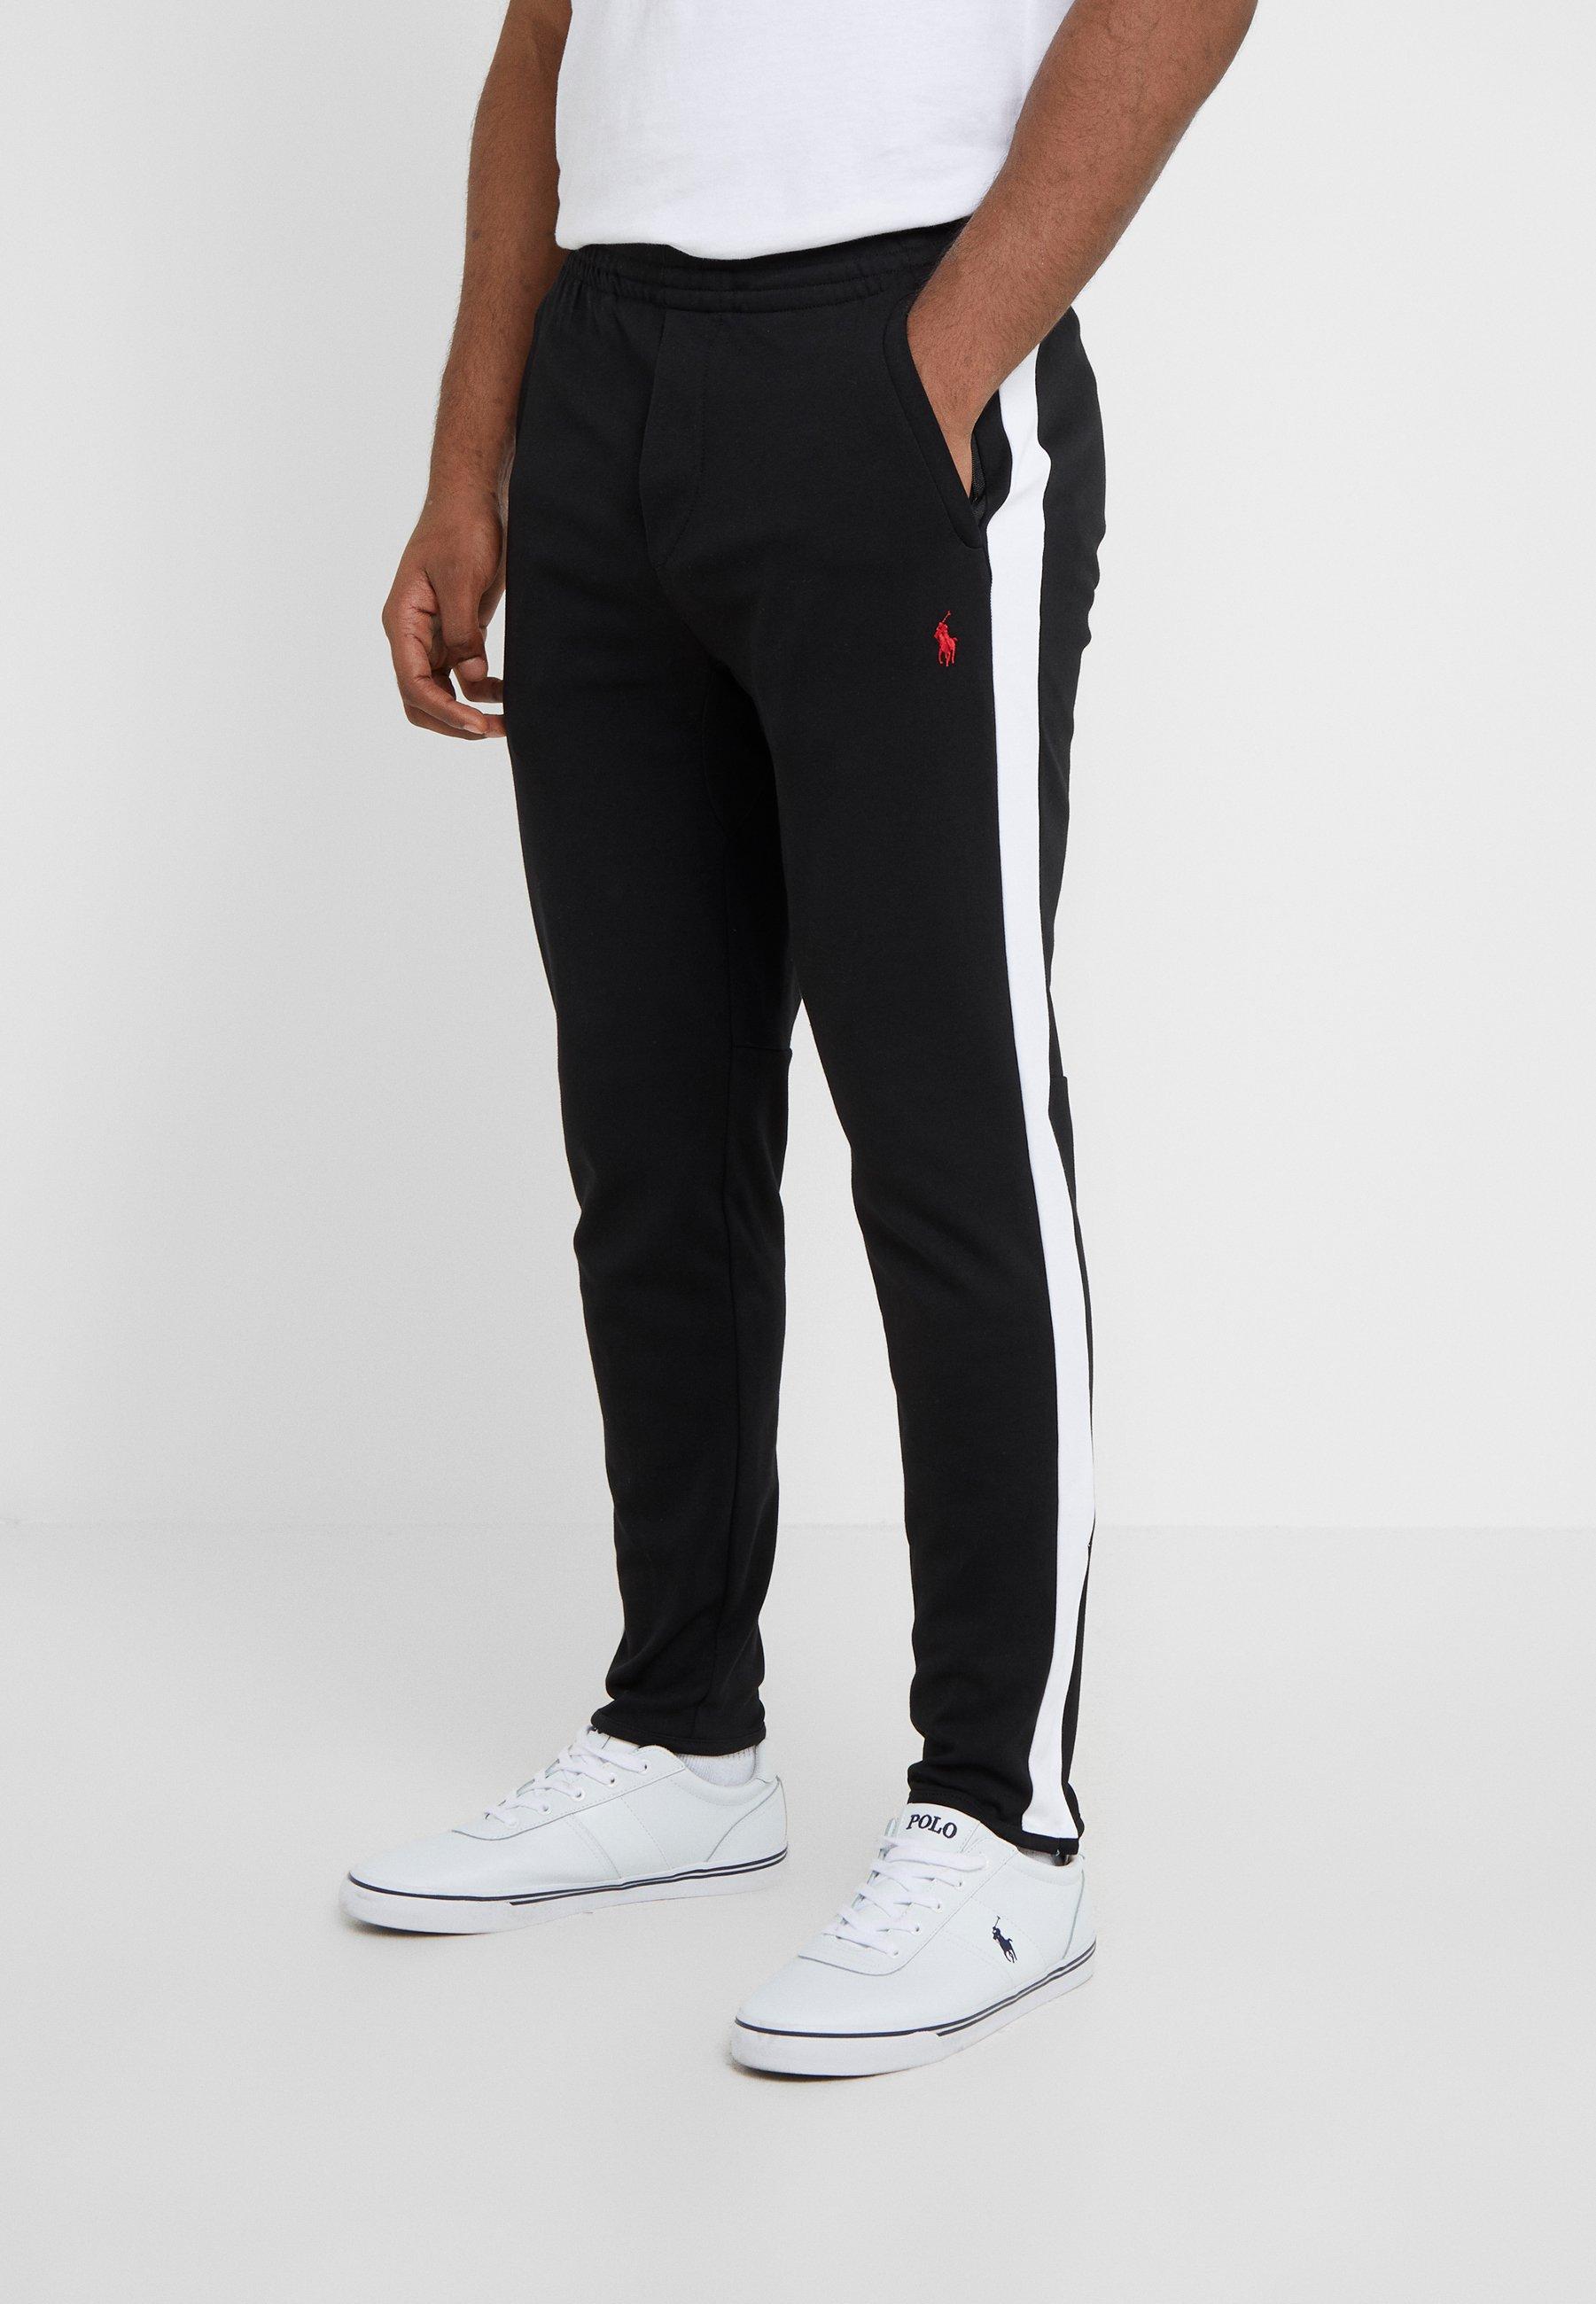 Polo Pantalon De Ralph Lauren SurvêtementBlack 3jL5ARq4